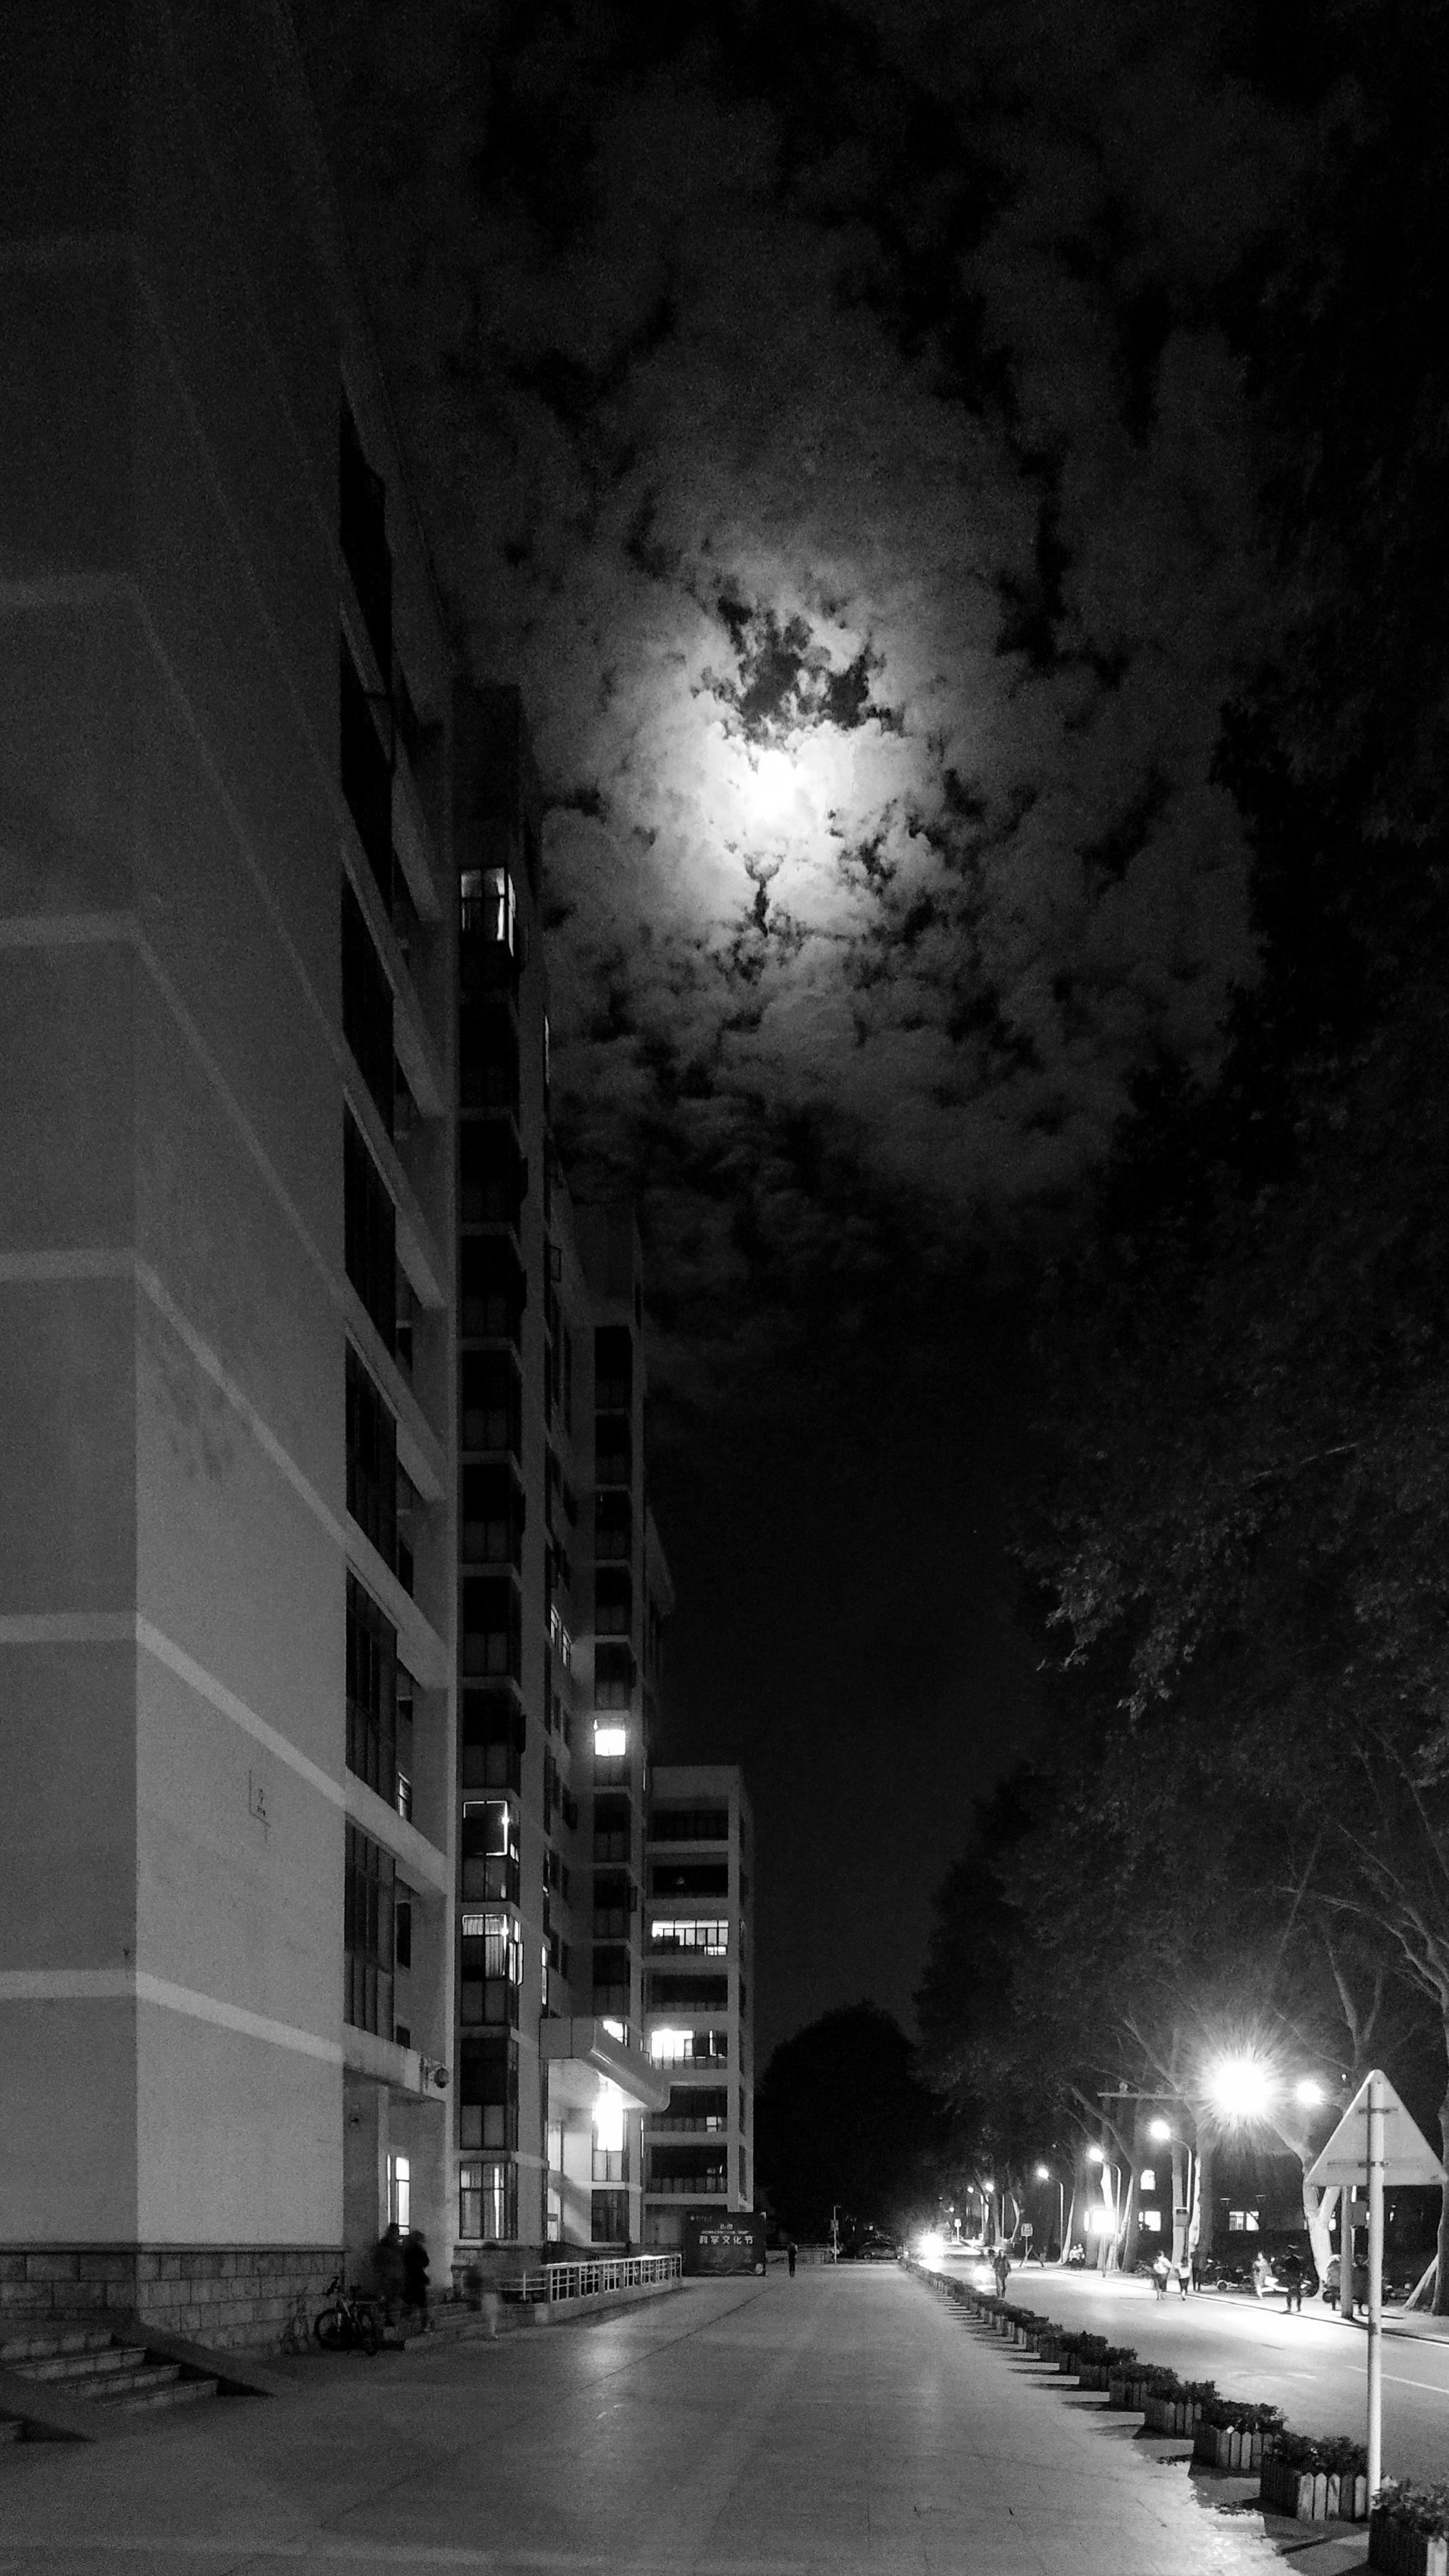 九号楼下的月色